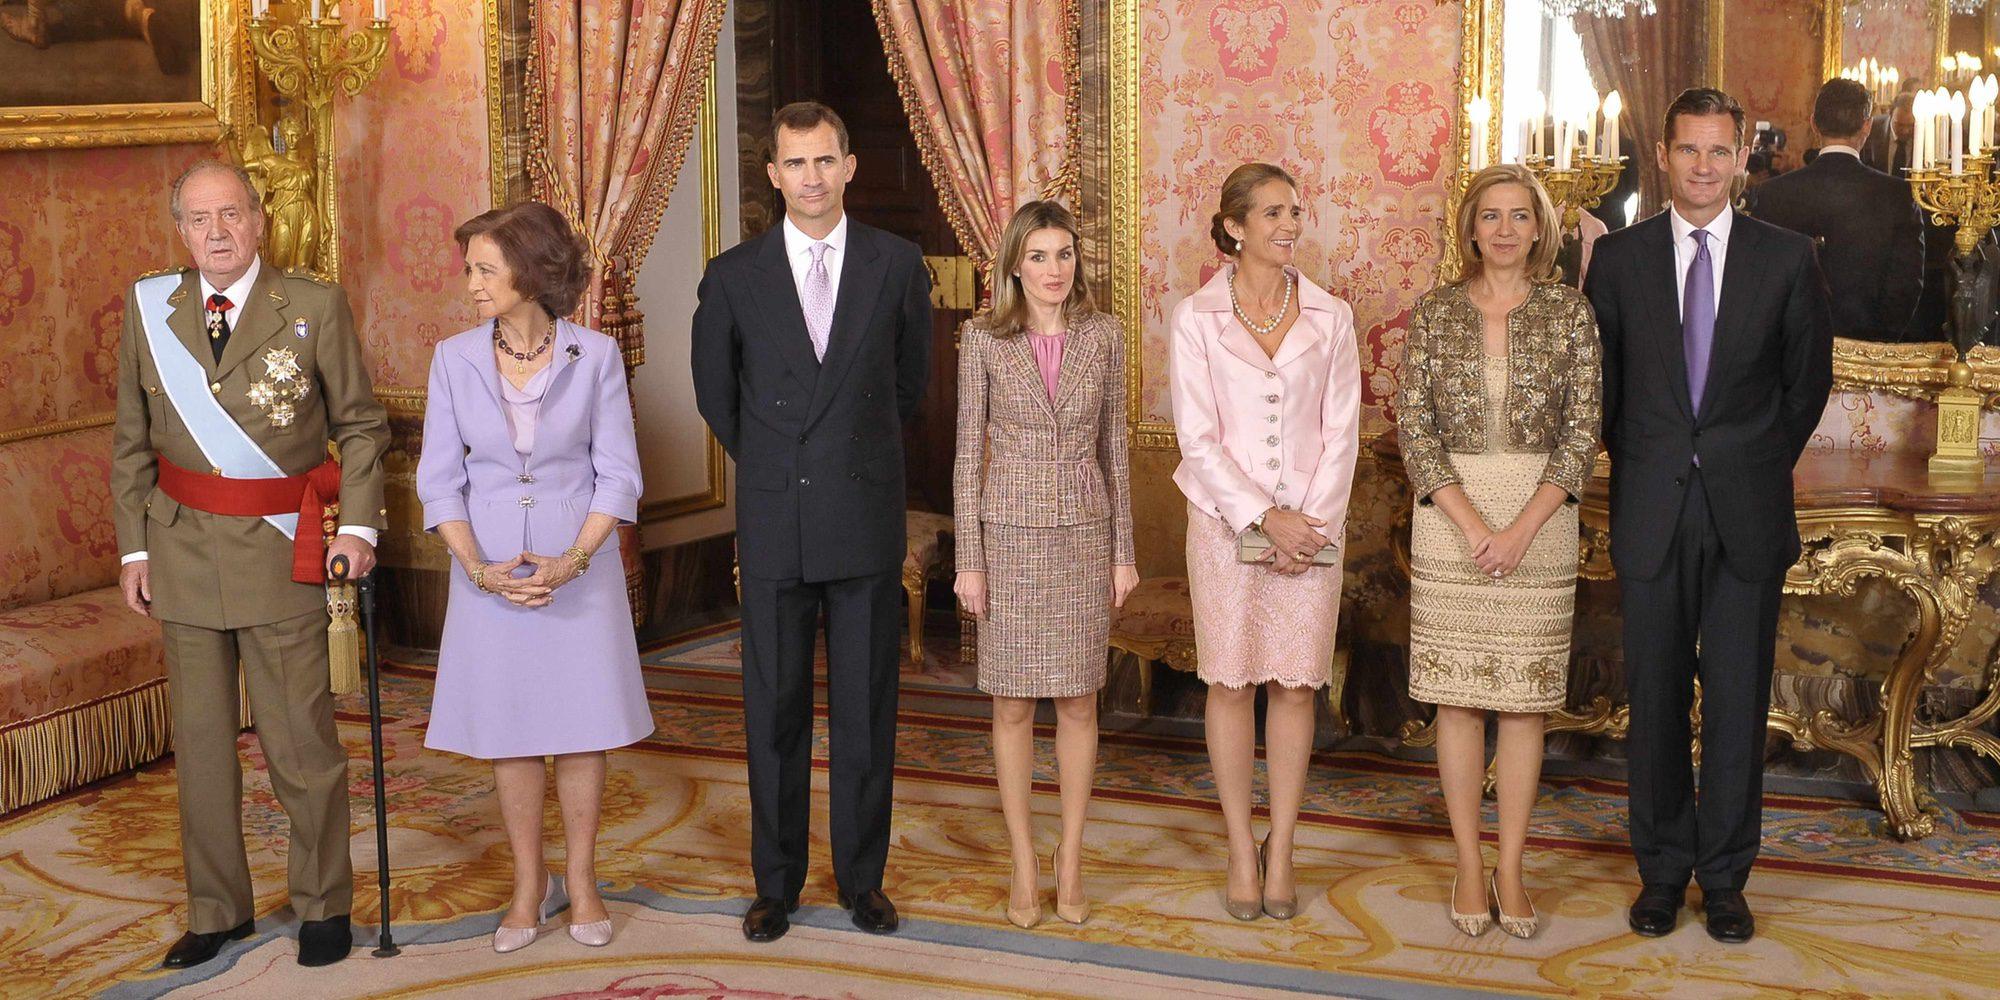 Muertes trágicas, separaciones, corrupción y amantes: los peores escándalos de la Familia Real Española